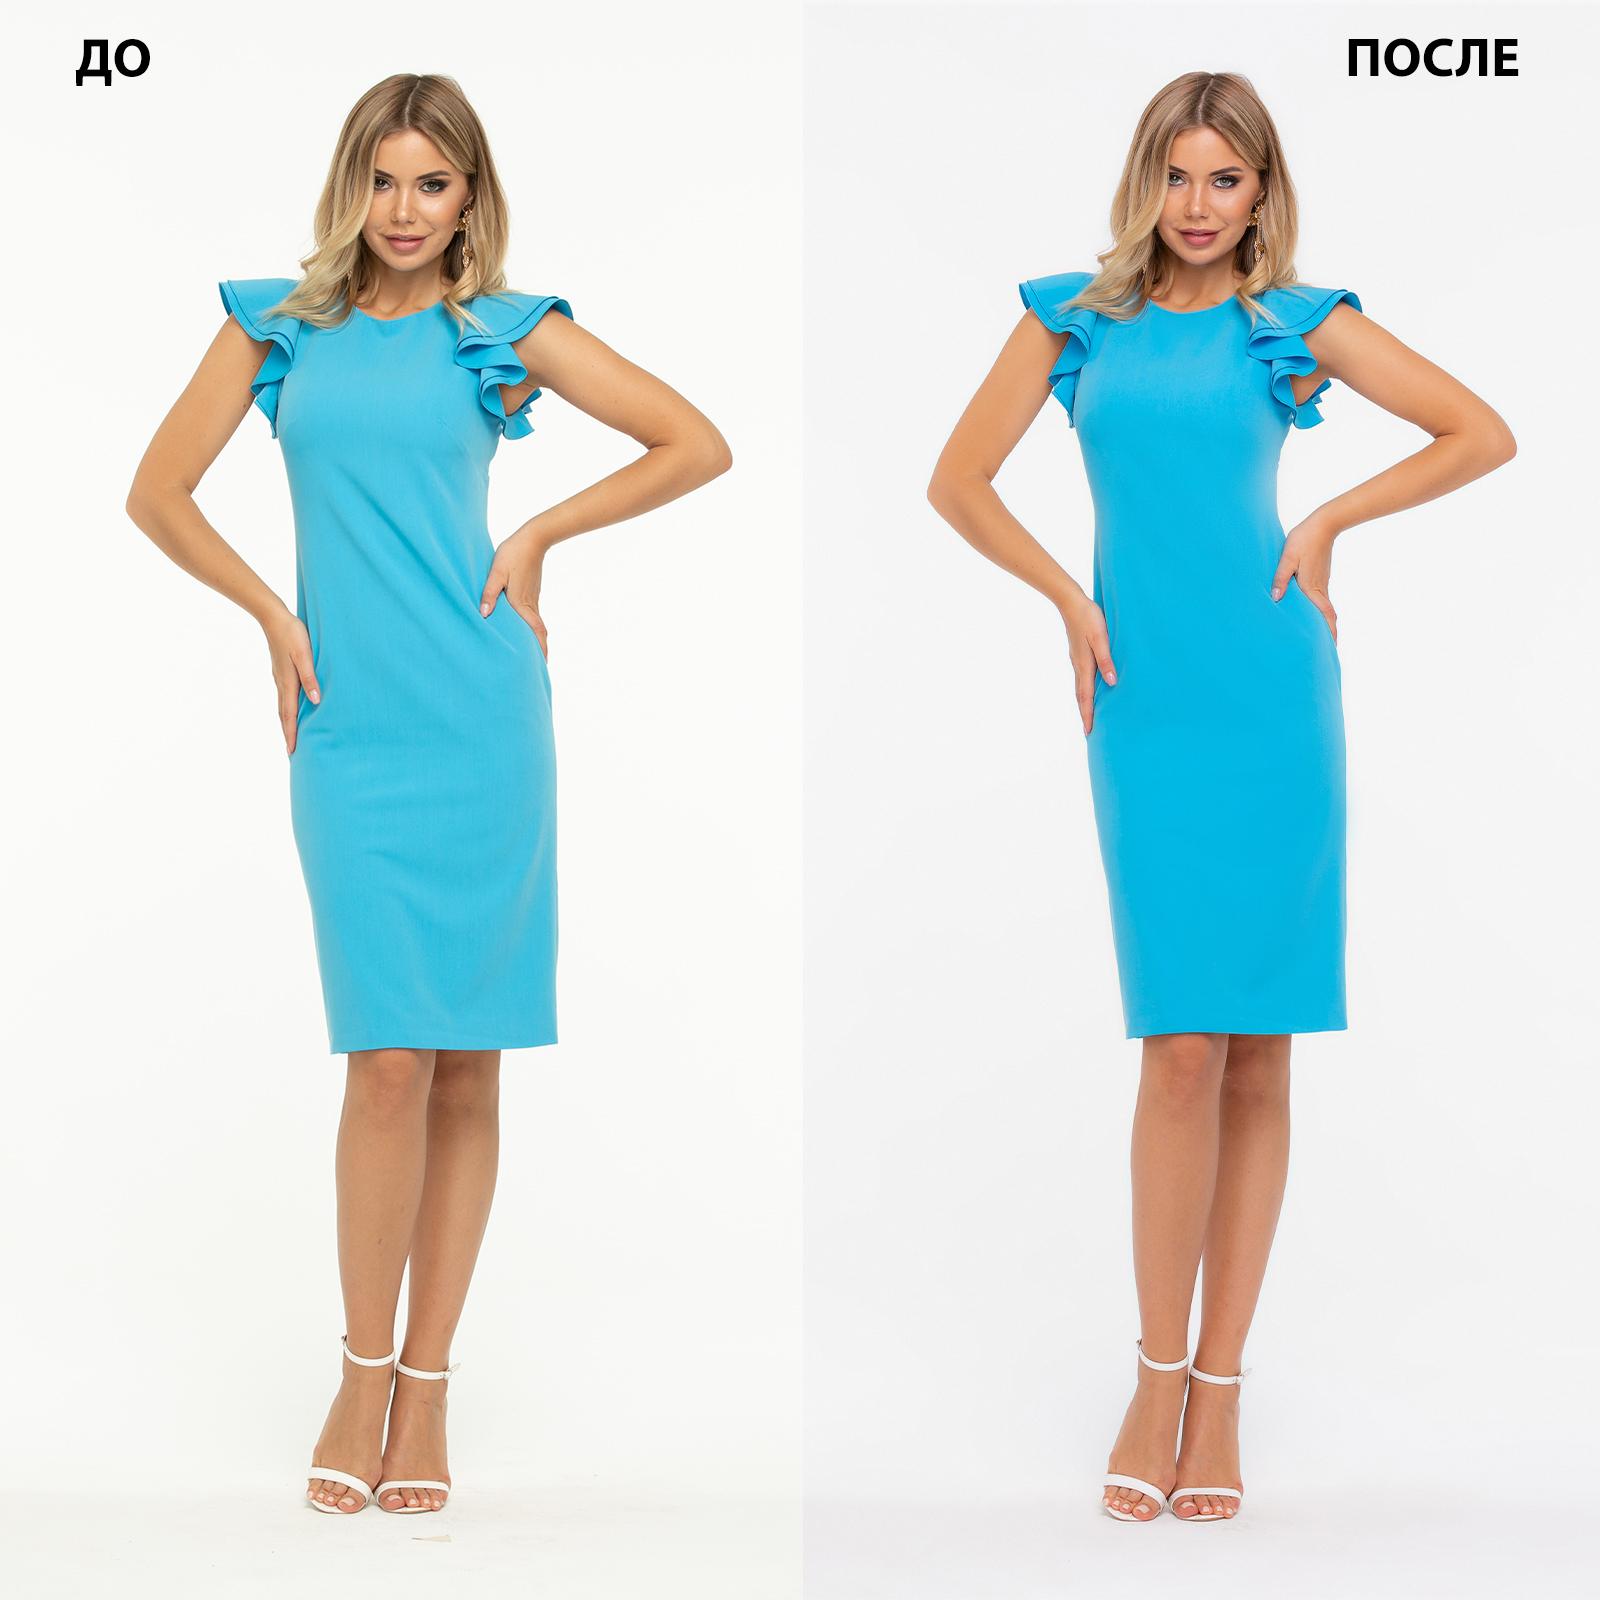 Каталожная ретушь одежды №2